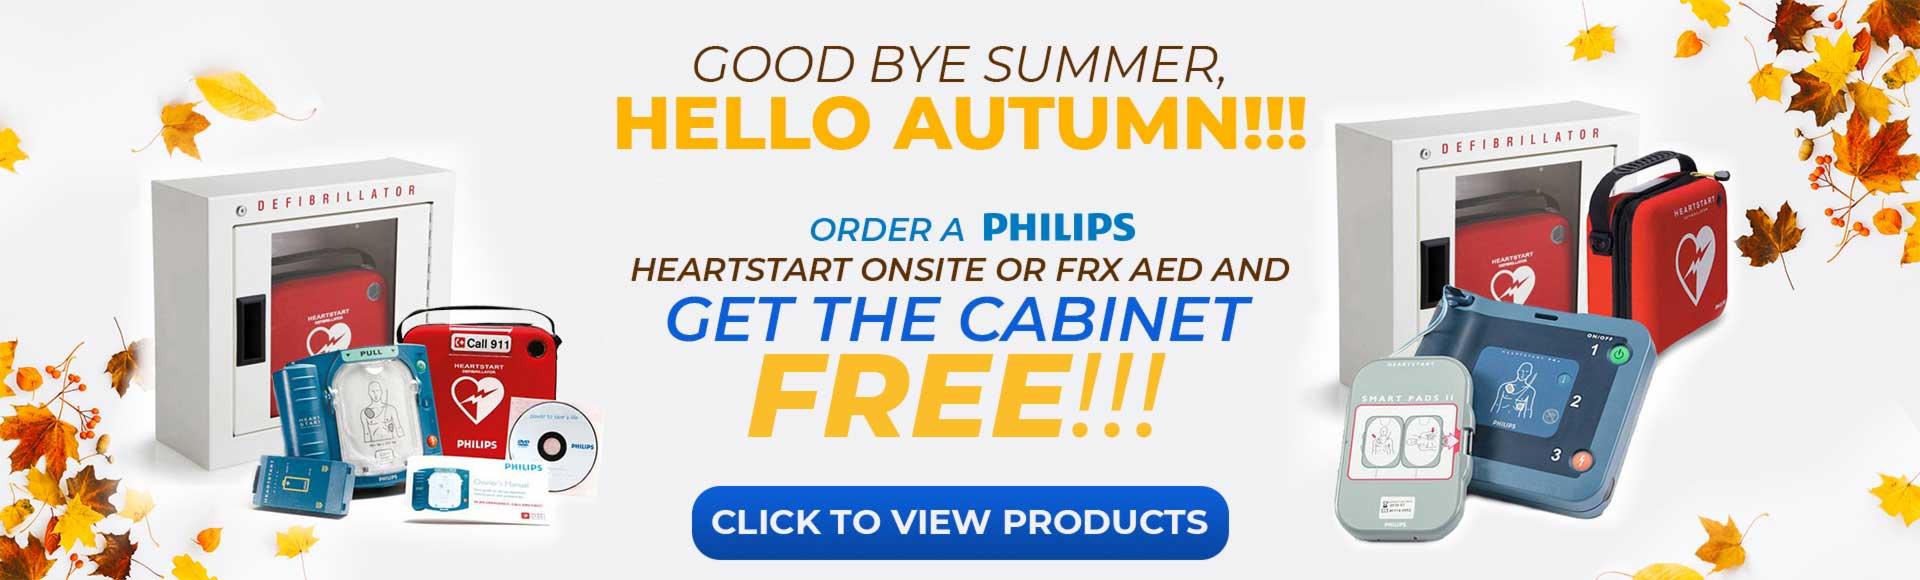 philips-banner.jpg